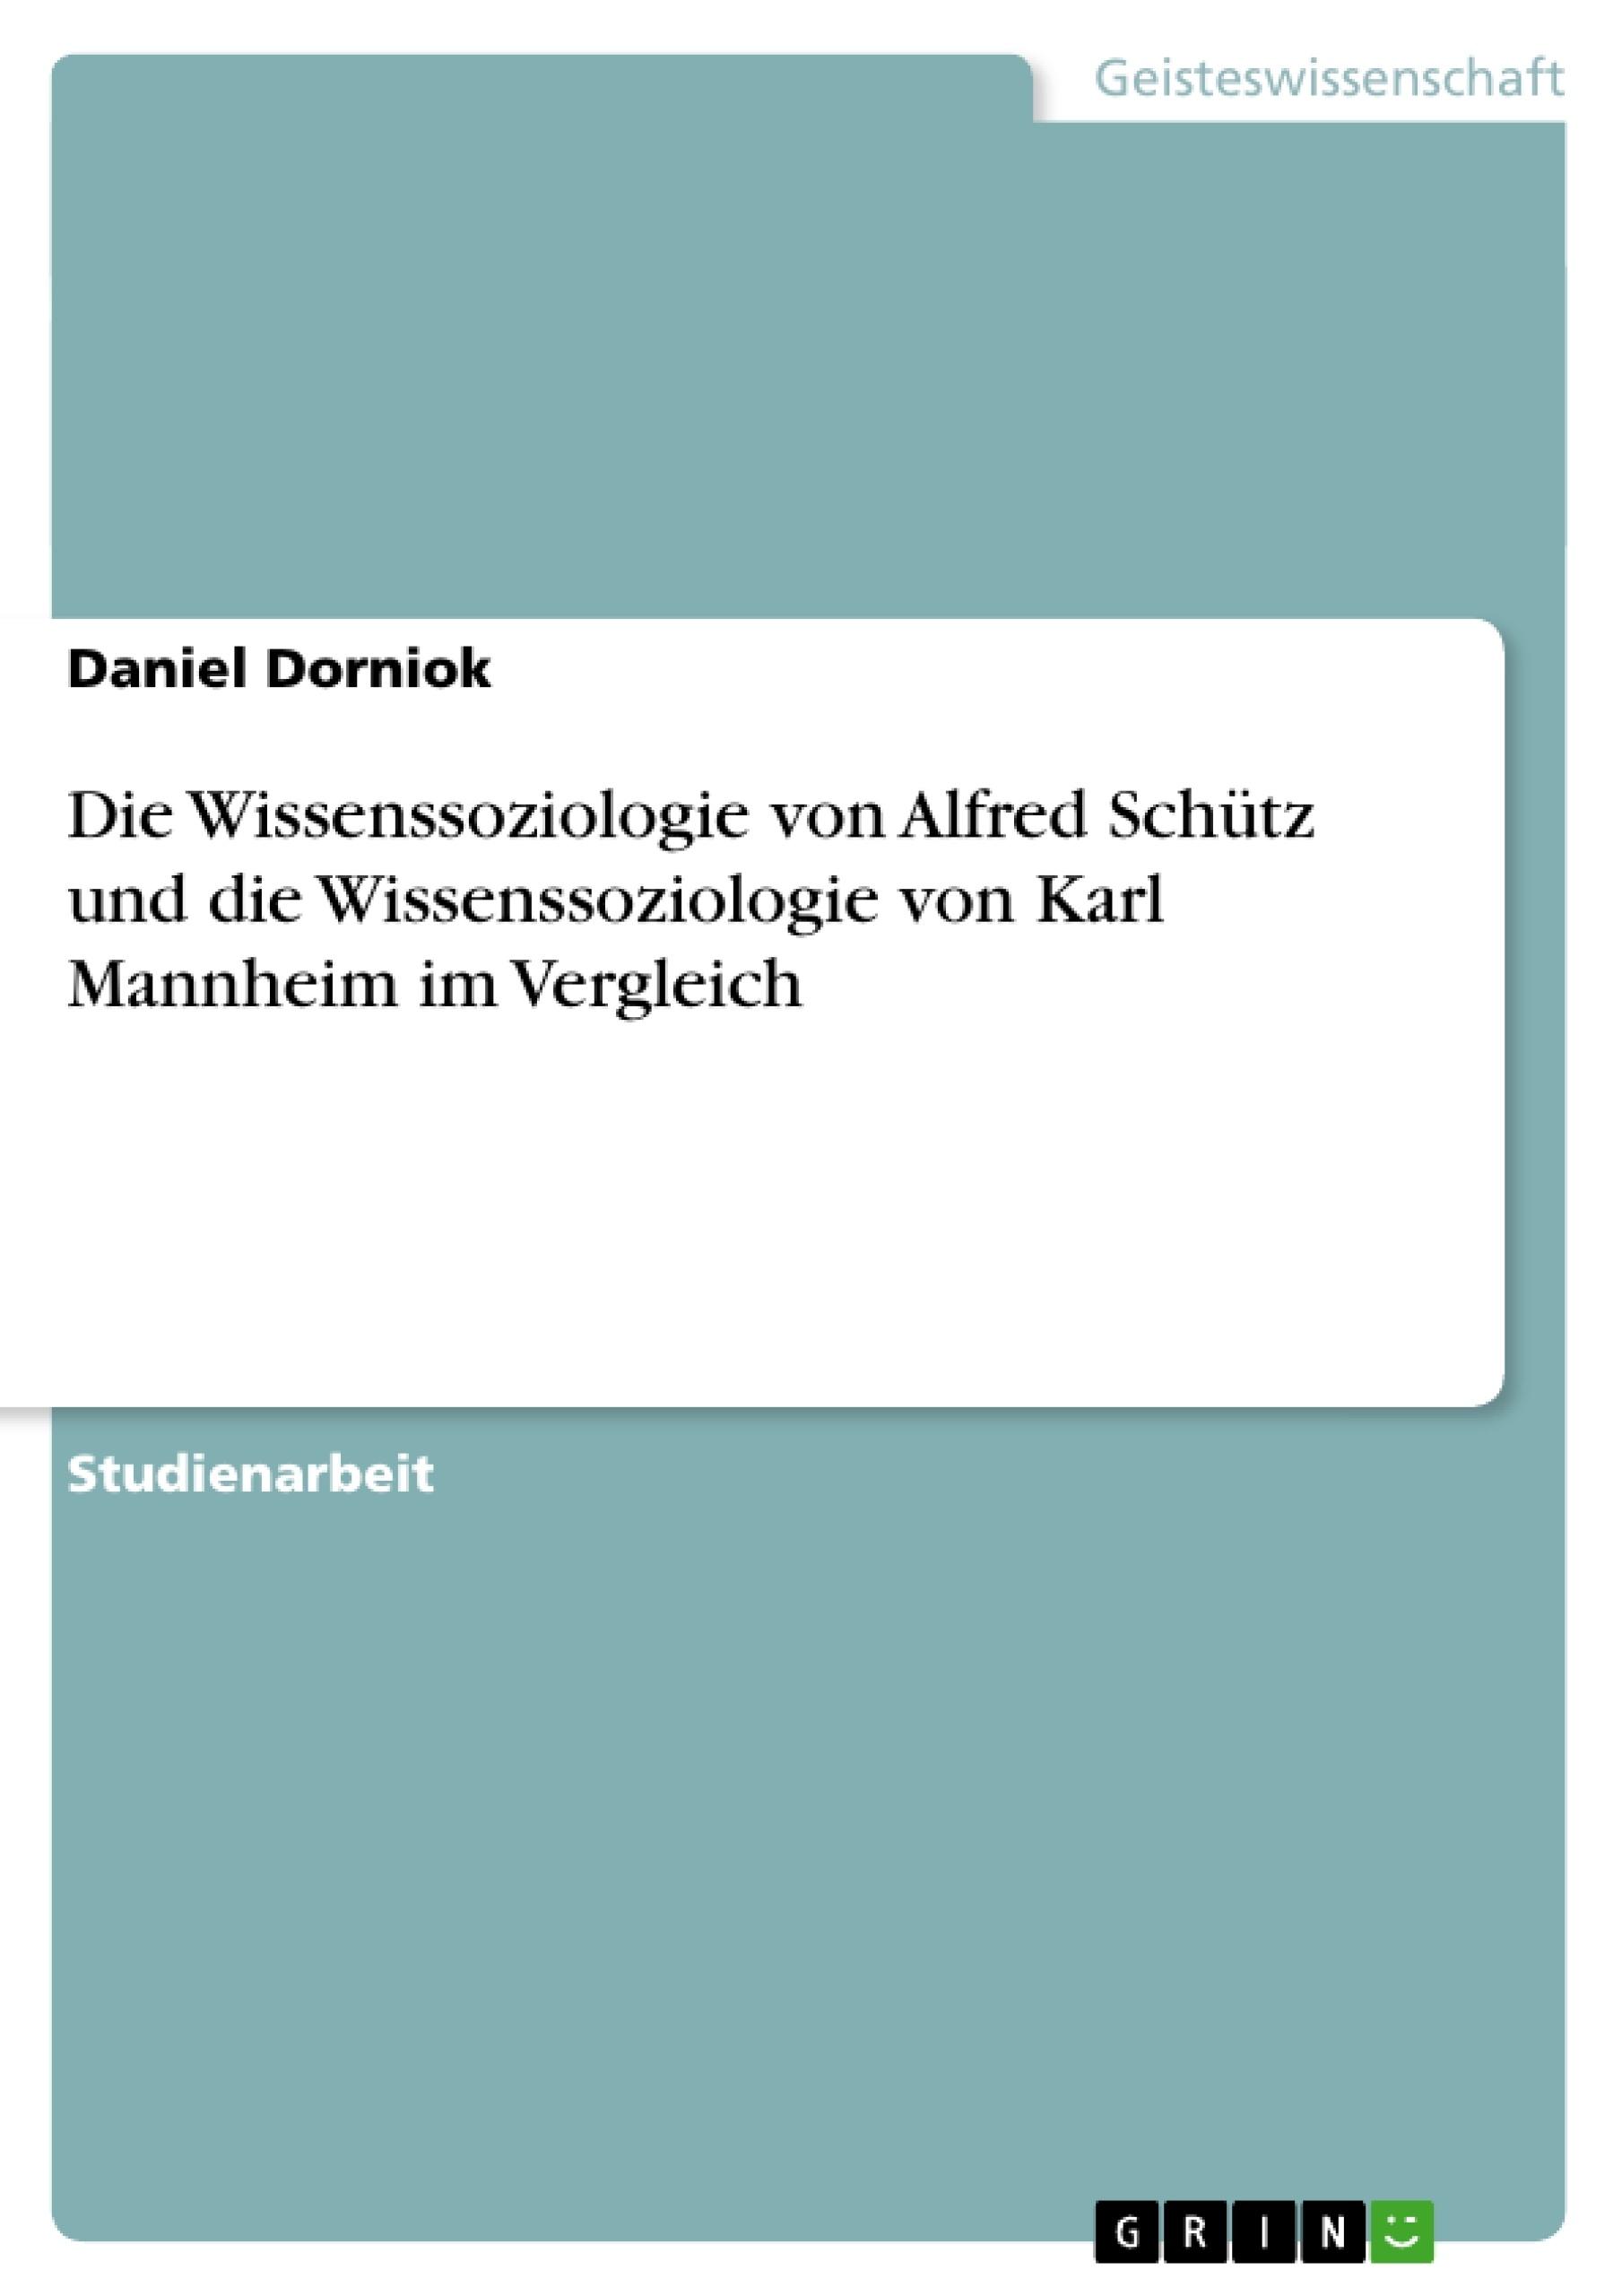 Titel: Die Wissenssoziologie von Alfred Schütz und die Wissenssoziologie von Karl Mannheim im Vergleich